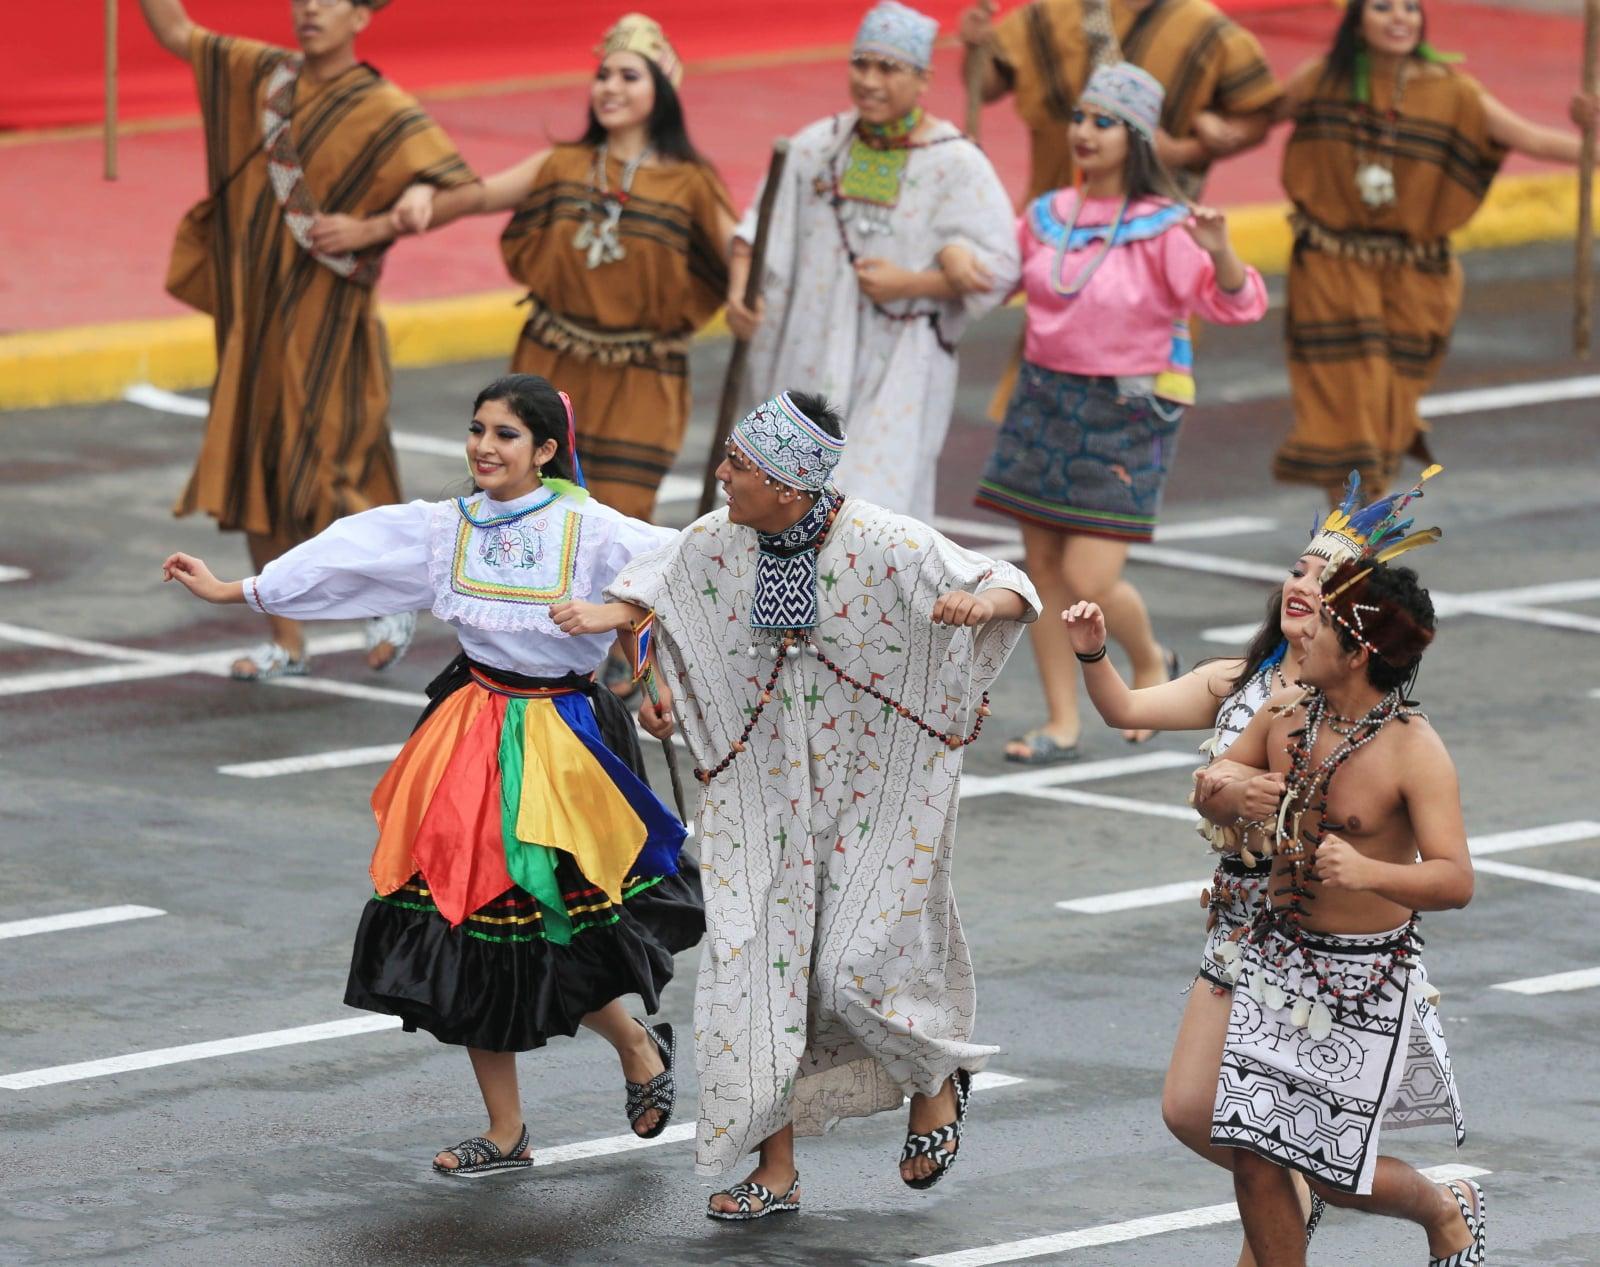 Tak Peruwiańczycy świętowali dzisiaj Dzień Niepodległości w Limie